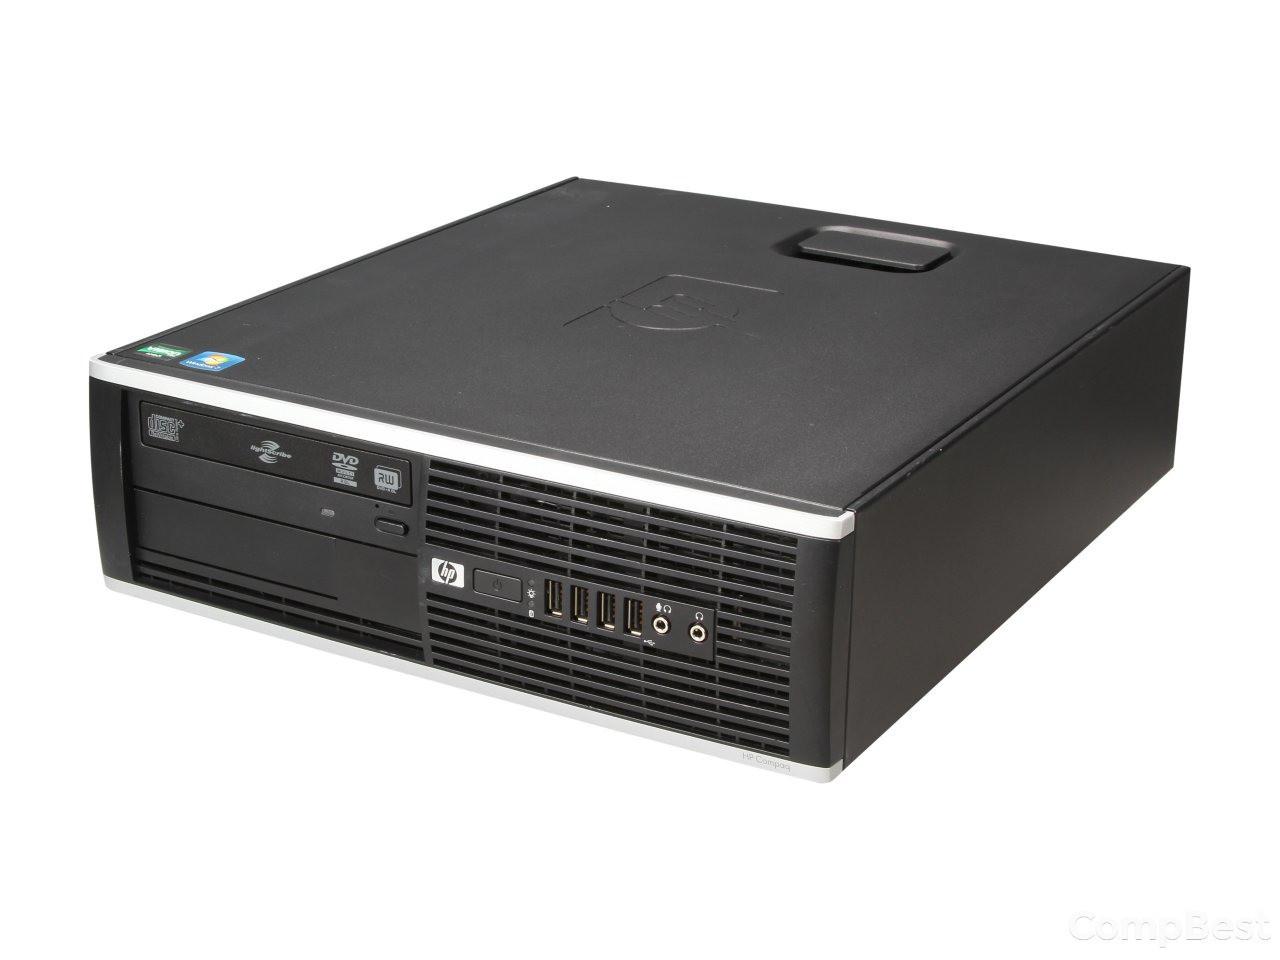 HP 6005 SFF / AMD Atlhon II X2 220 (2 ядра по 2.8 GHz ) / 2GB DDR3 / 250GB HDD  , 2, 250 HDD